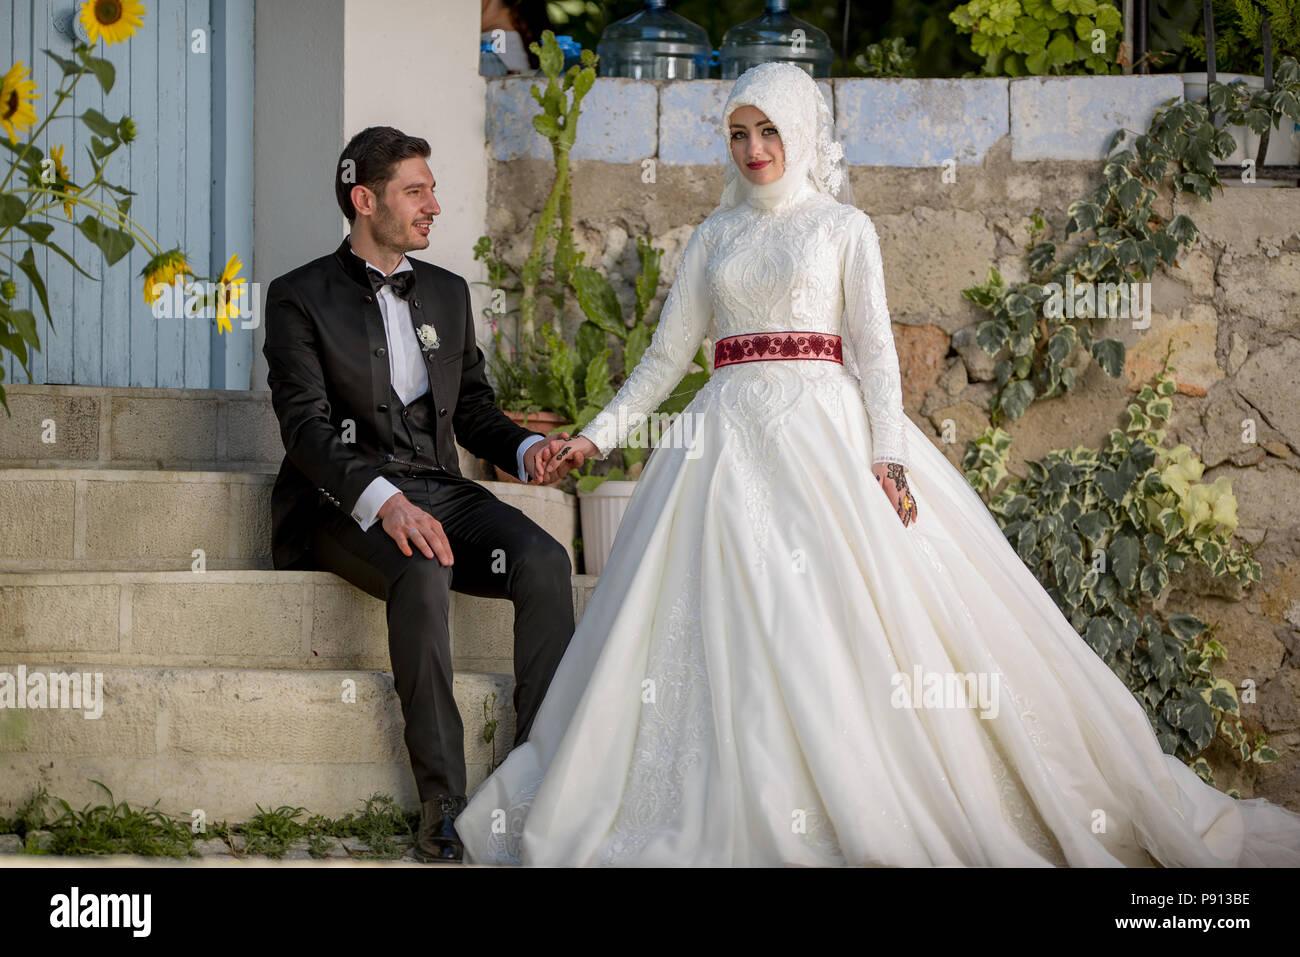 Moslembraut Mit Traditioneller Islamischer Islamischer Hochzeit